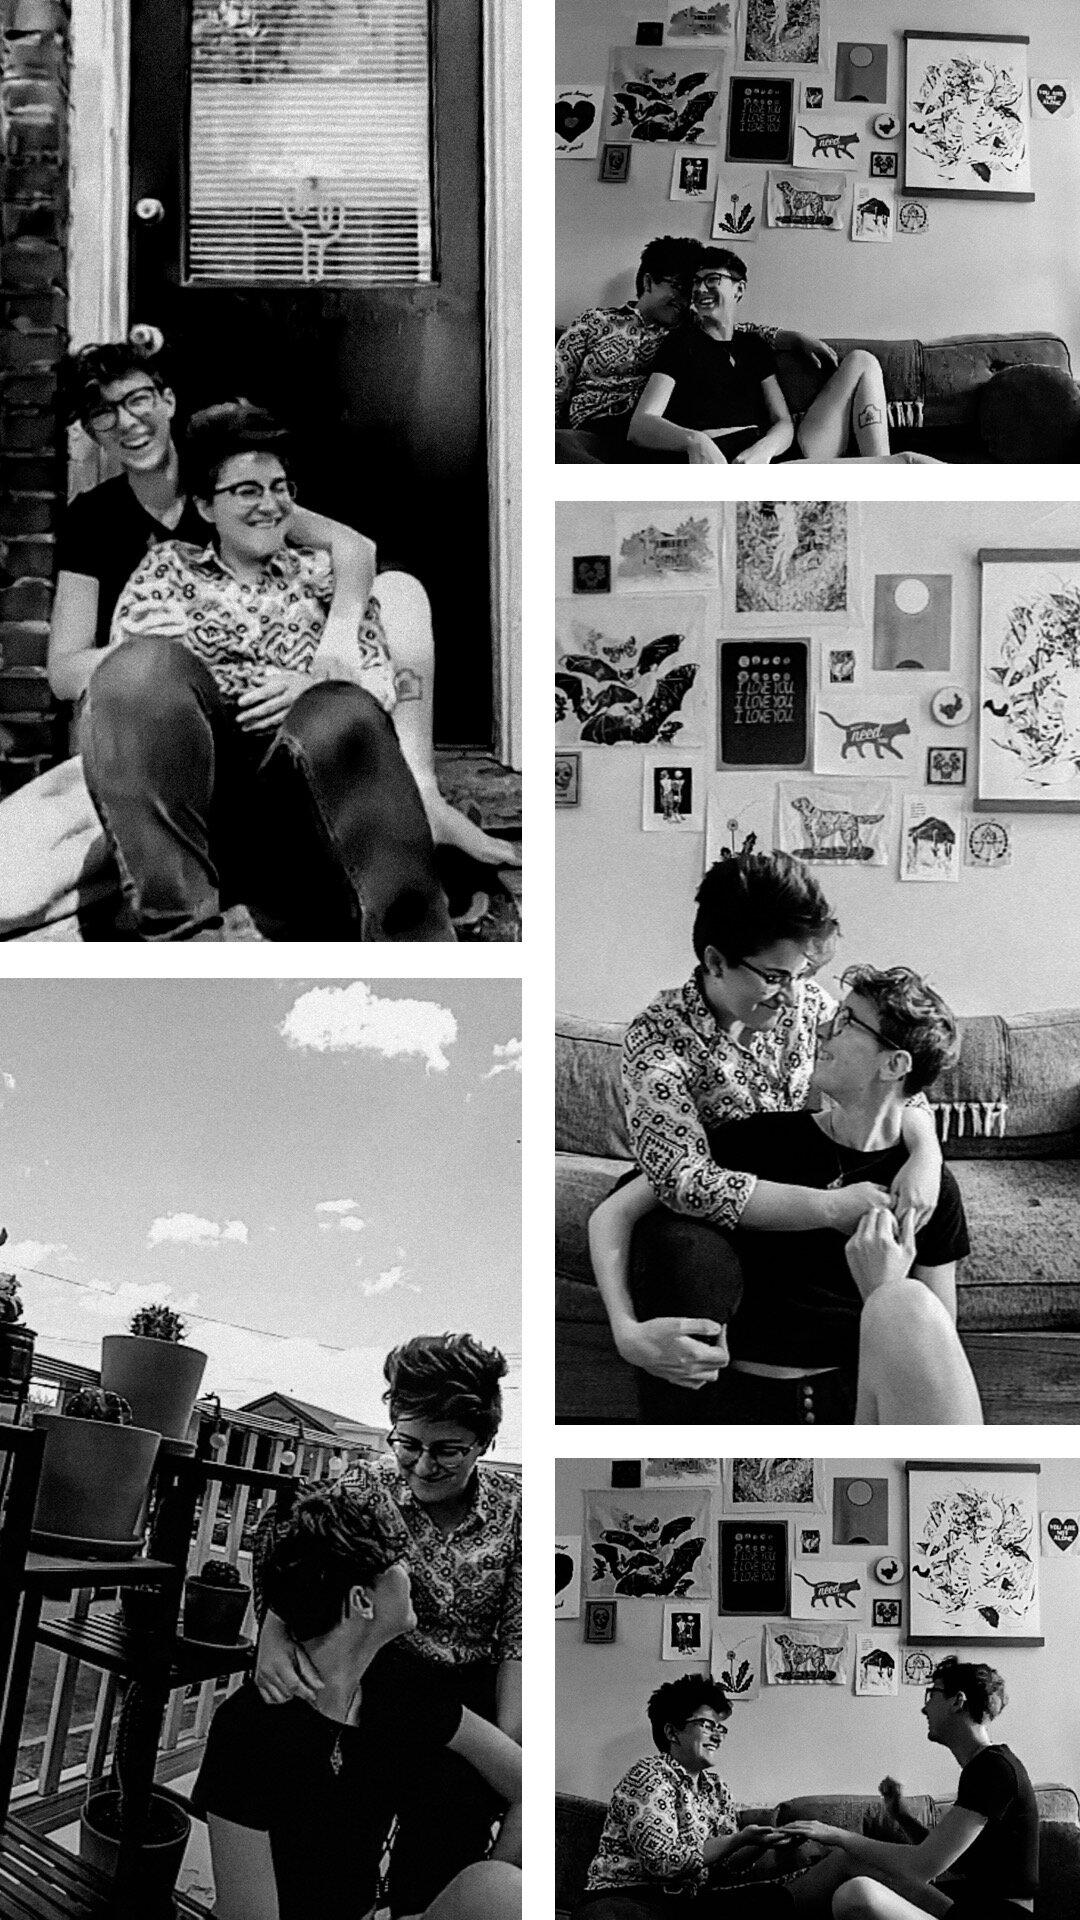 LGBT couple in their home photos taken via facetime